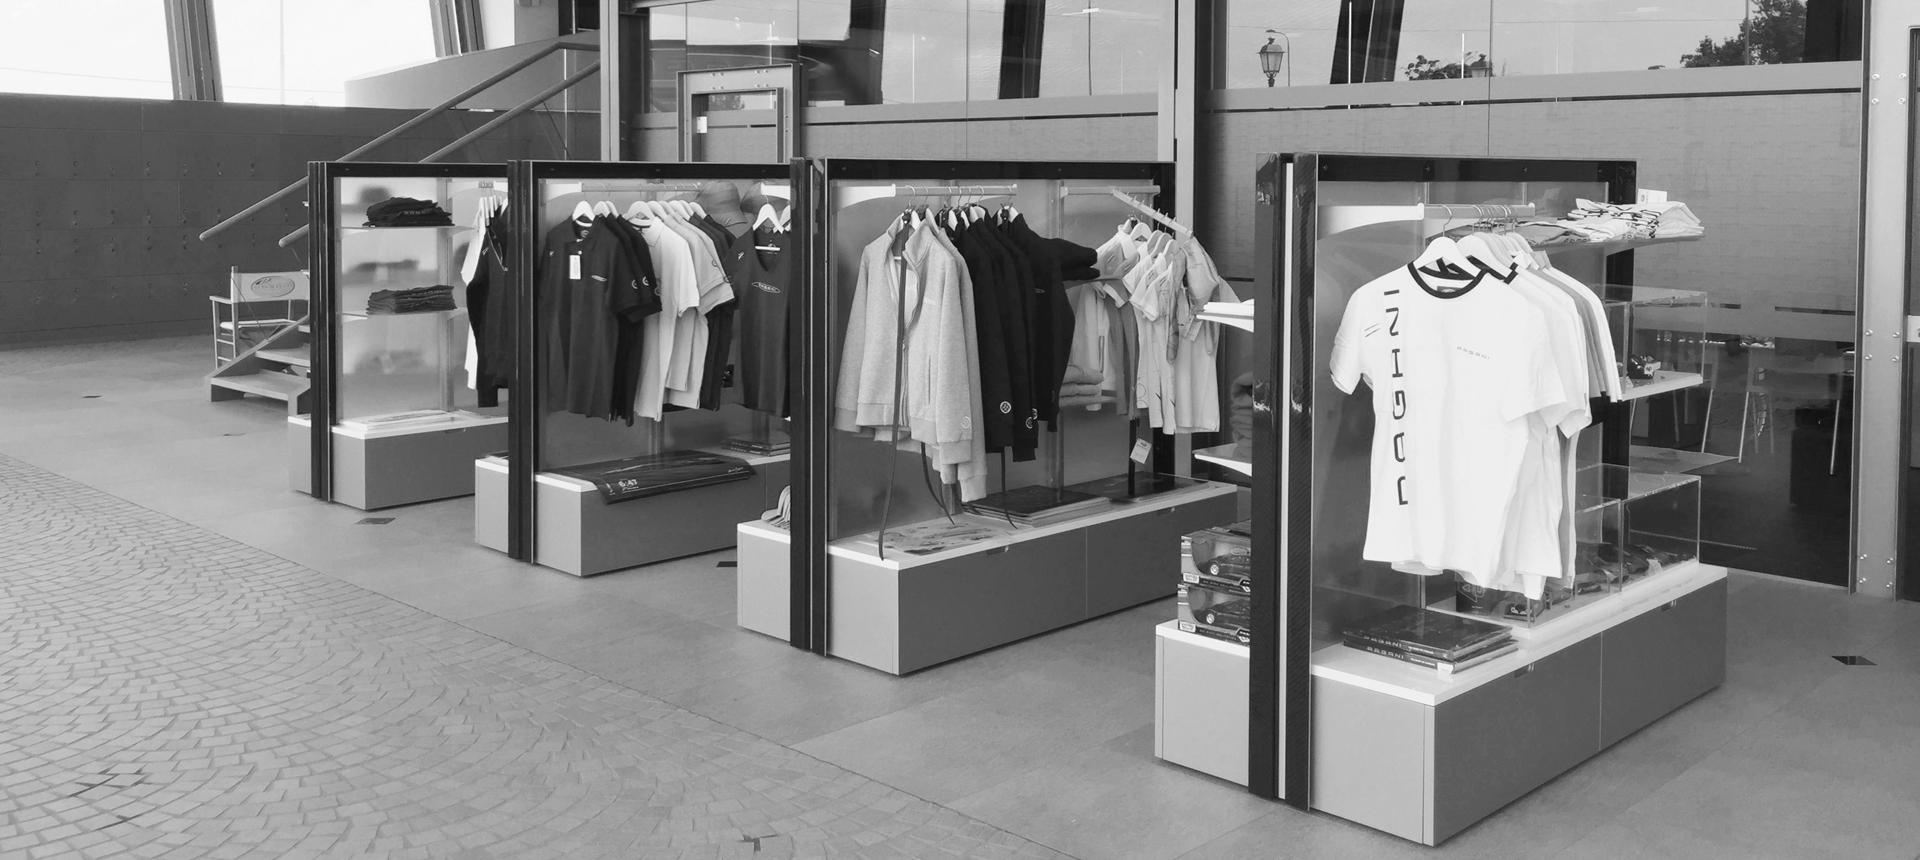 Progettazione interni interior retail design for Arredo net